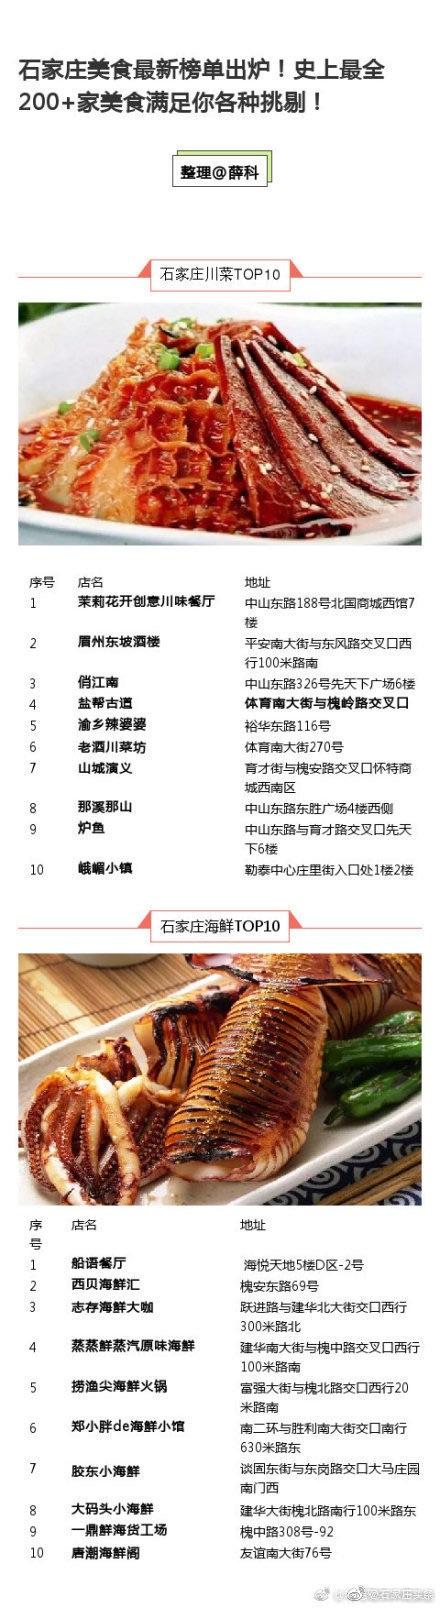 石家庄美食最新榜单出炉!史上最全200+家美食满足你各种挑剔!